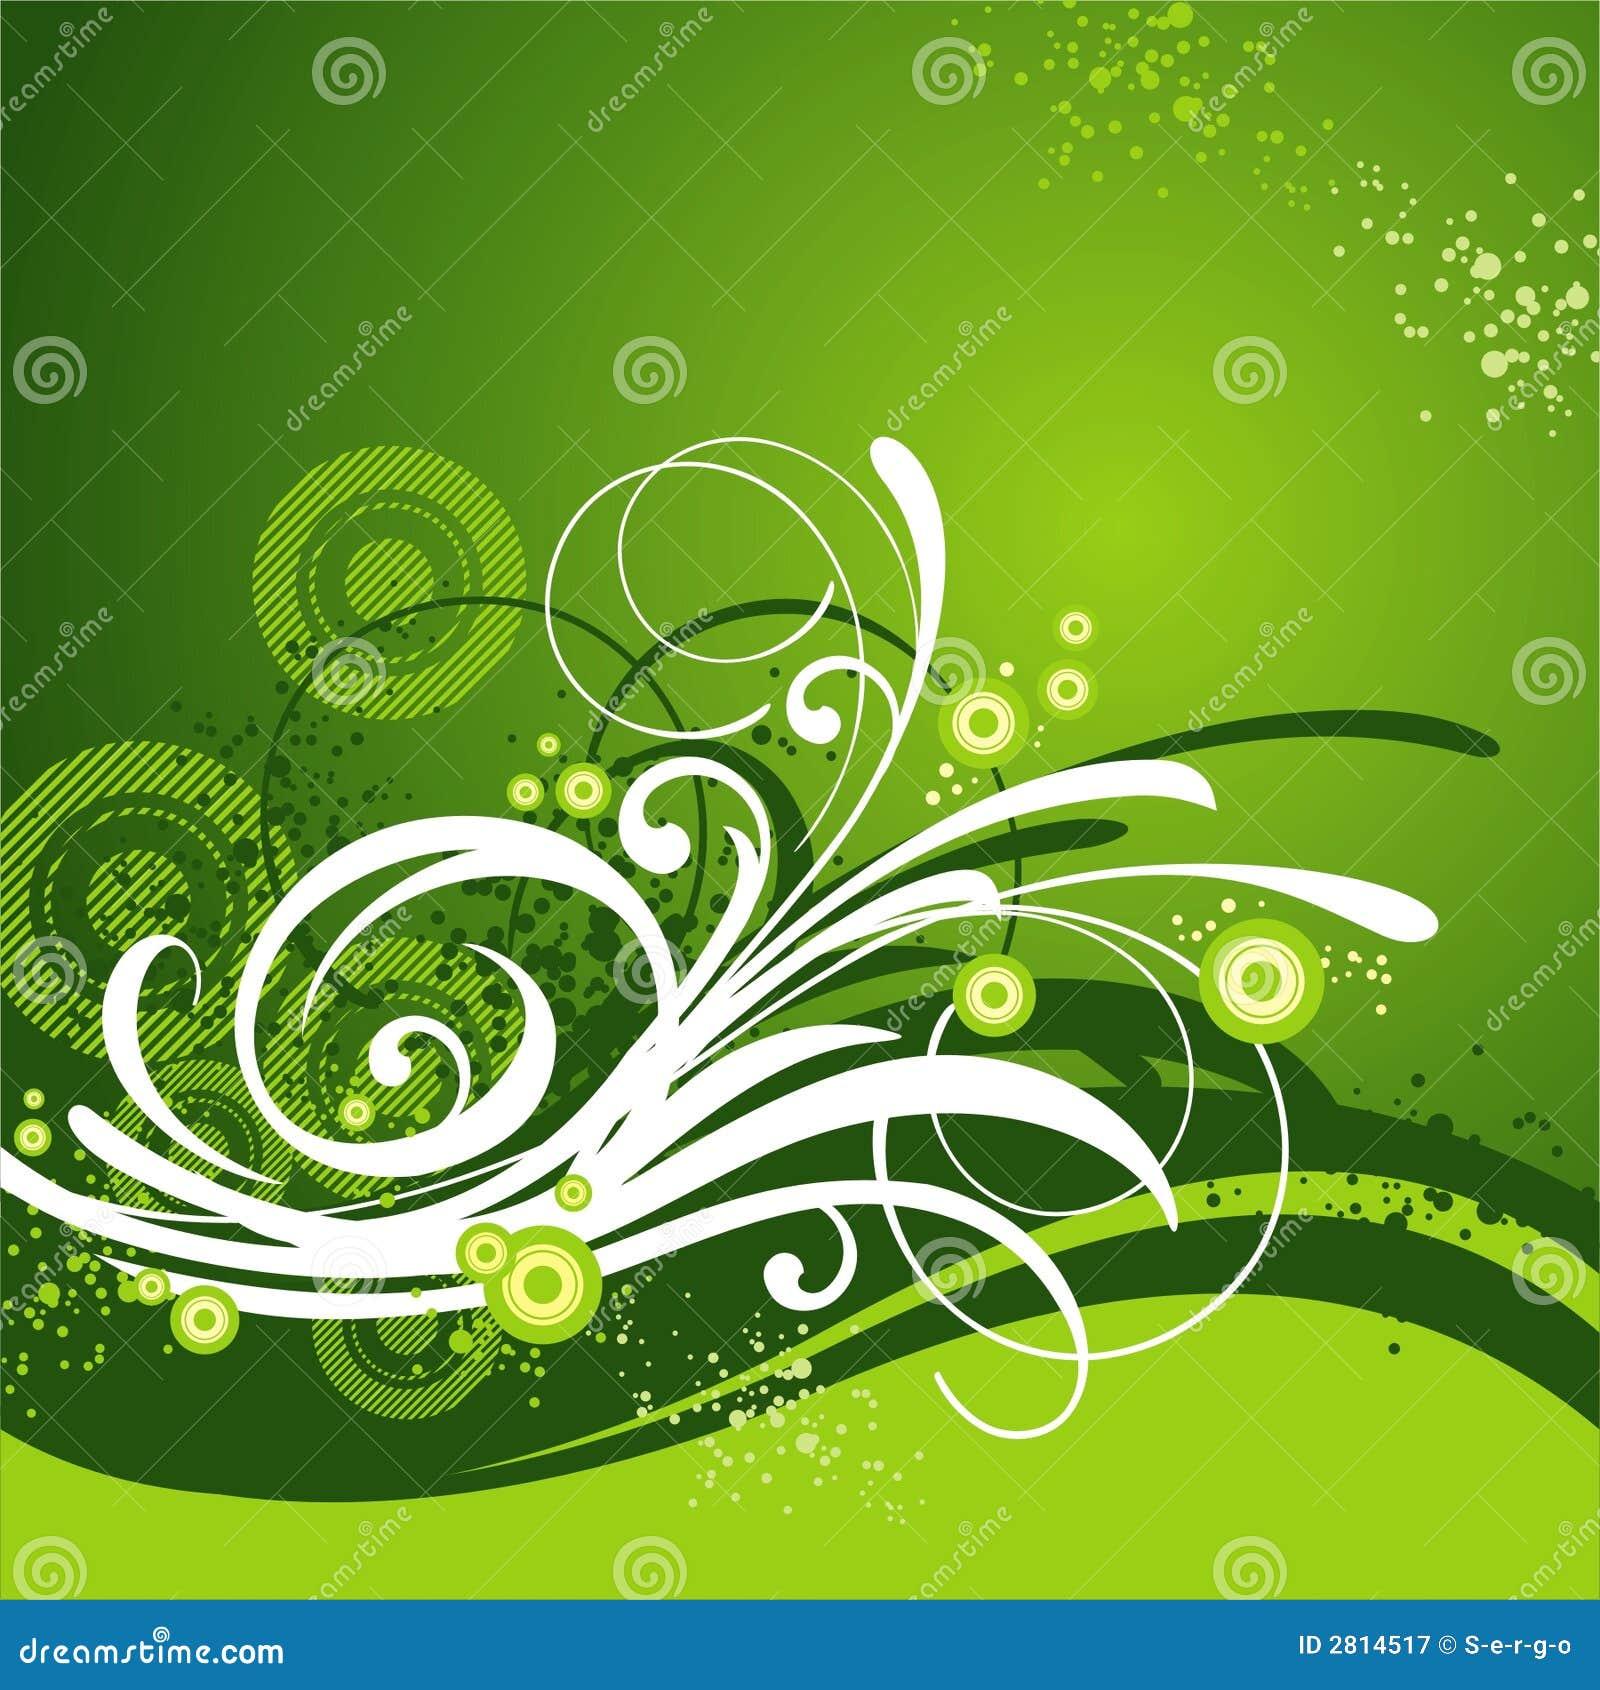 Ramificaciones ornamentales decorativas ilustraci n del - Fotos decorativas ...